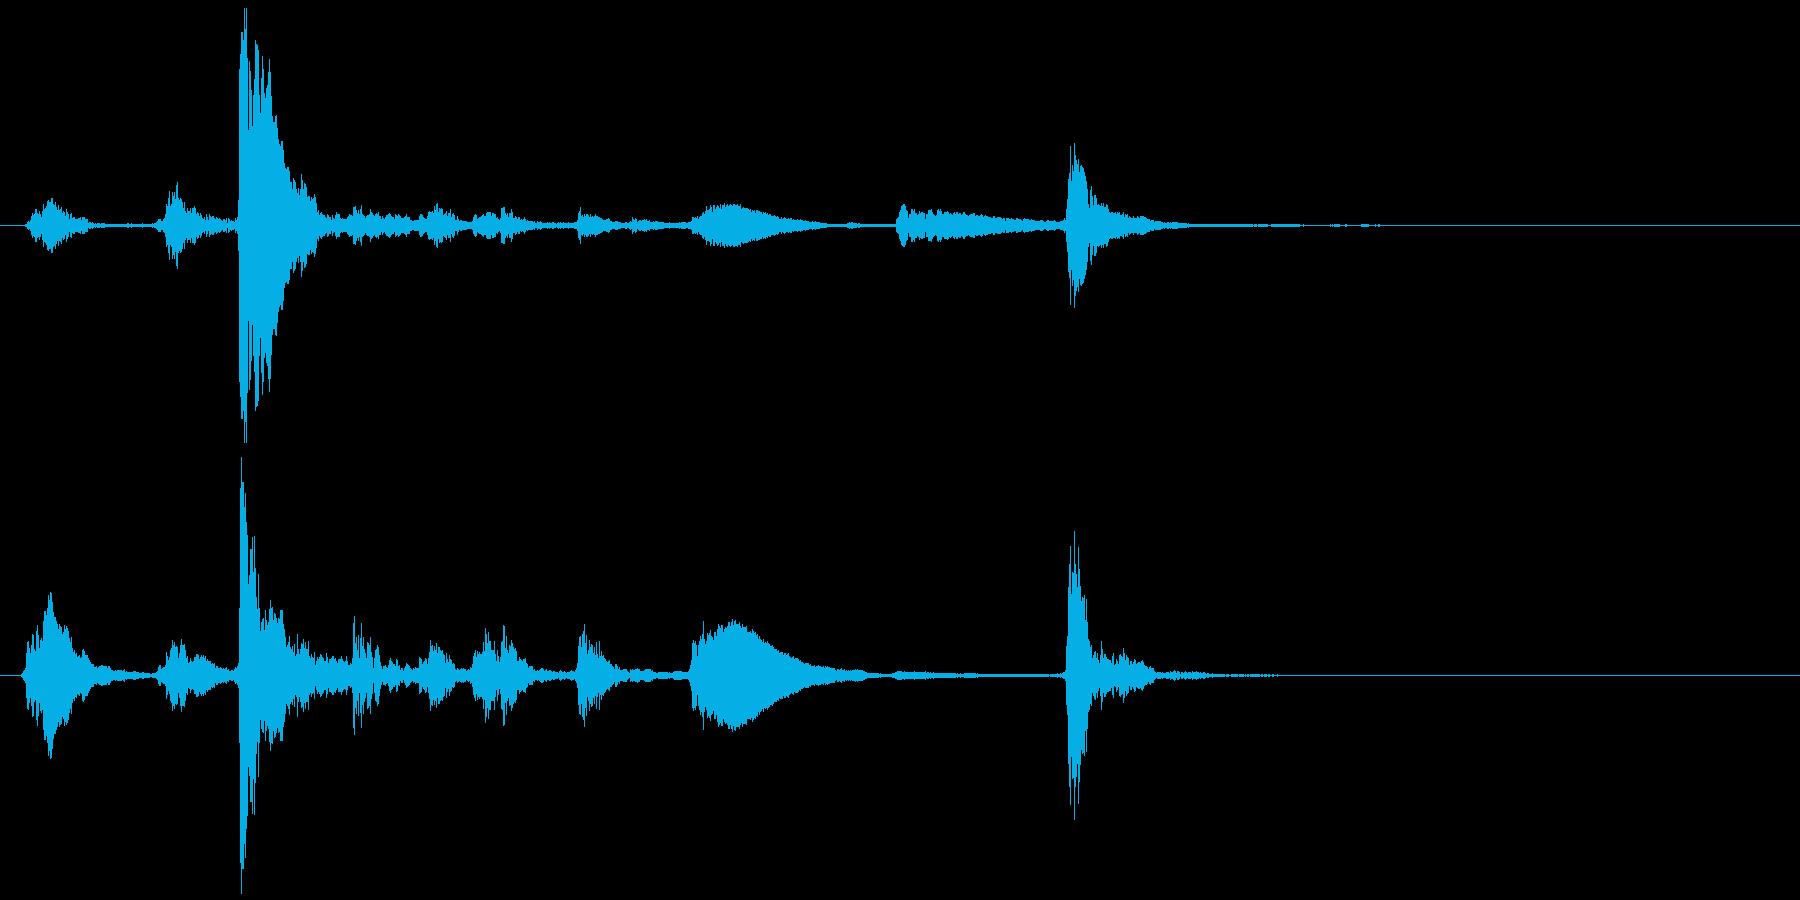 照明が灯る(蛍光灯など)チカッチカ…カッの再生済みの波形